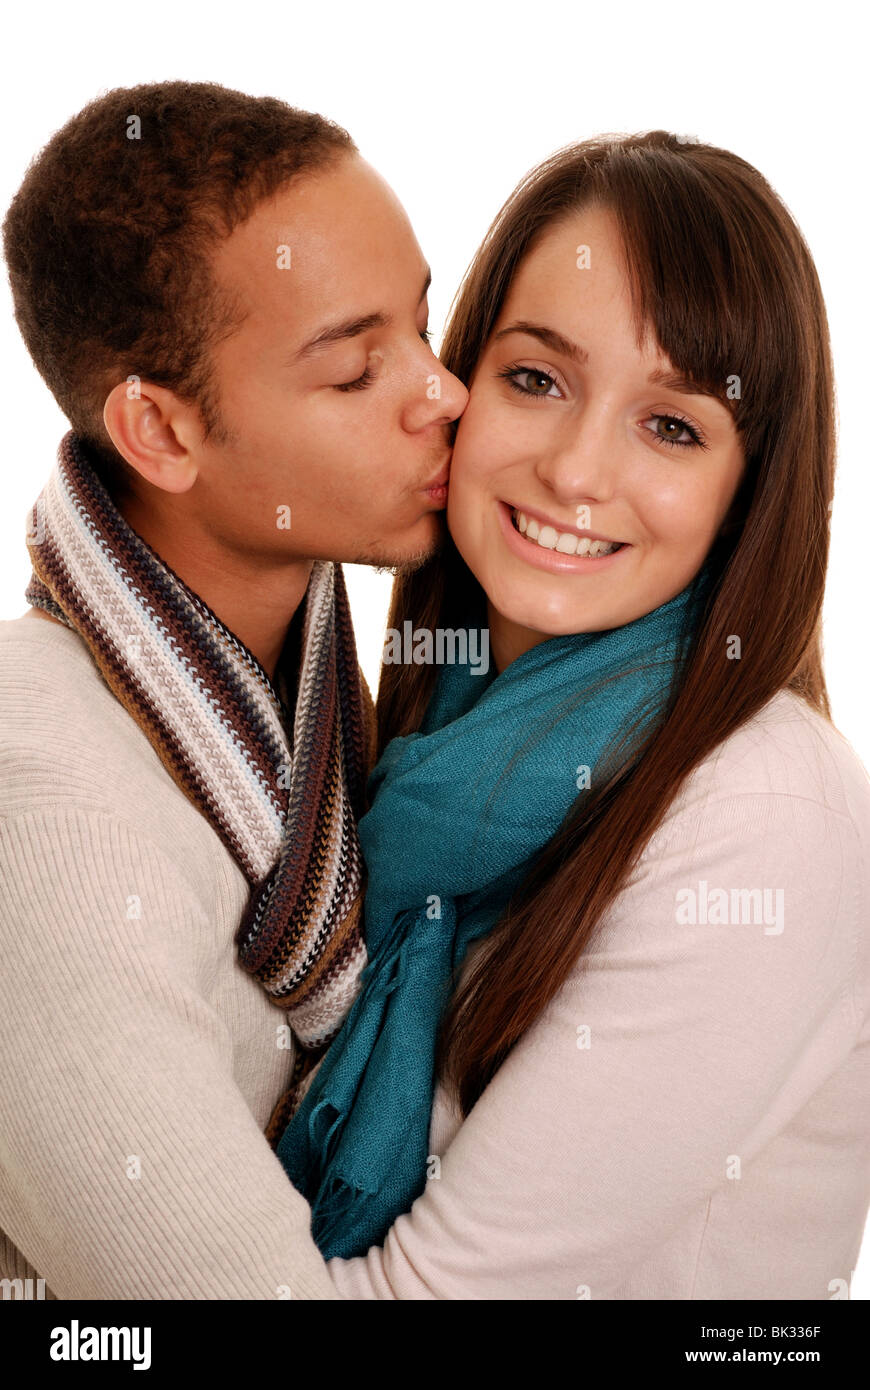 Christian teenage dating kissing